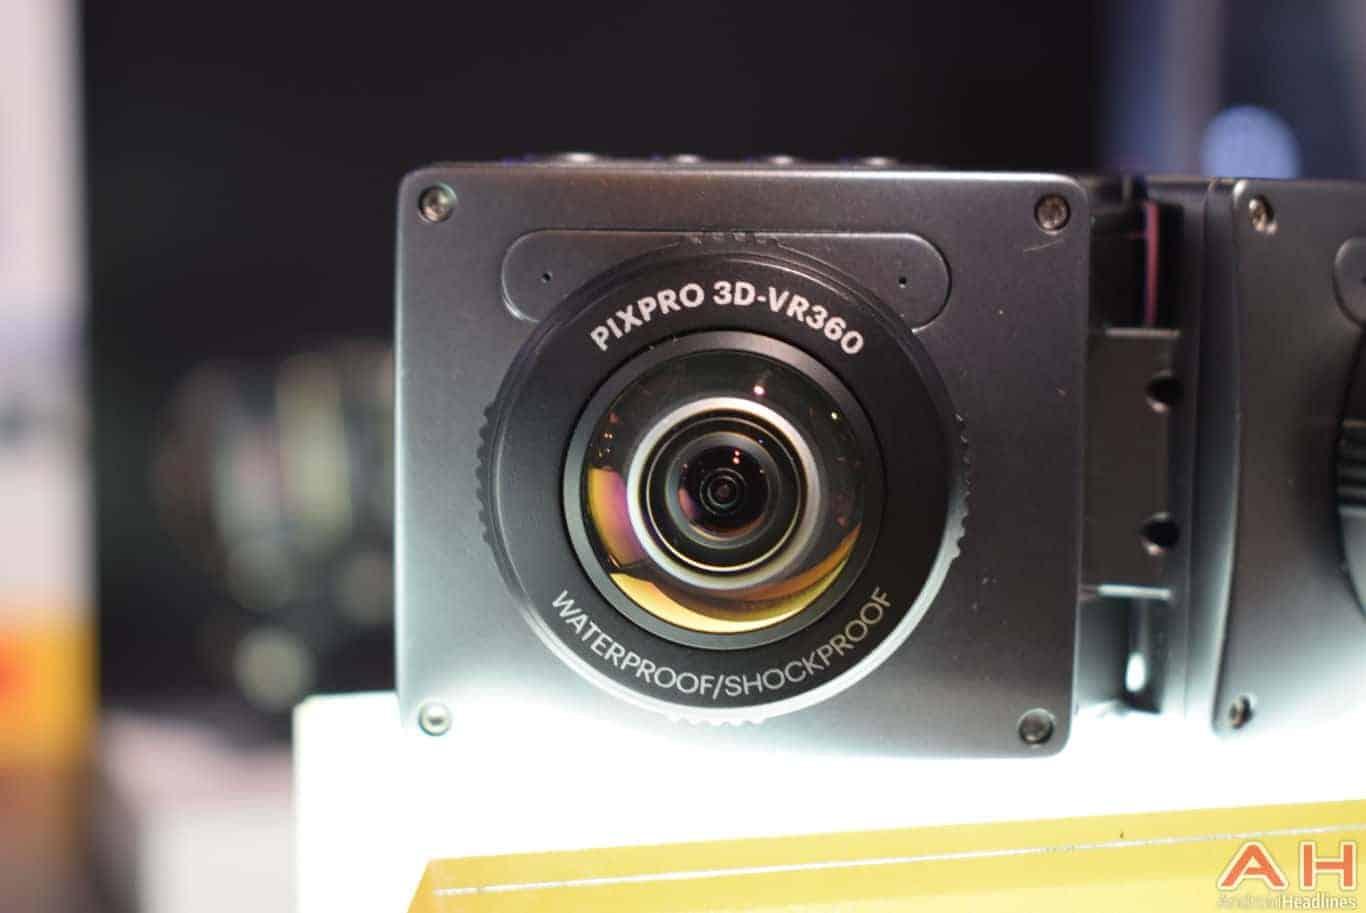 kodak PIXPRO 3D 360 VR Camera CES 2018 AH 4